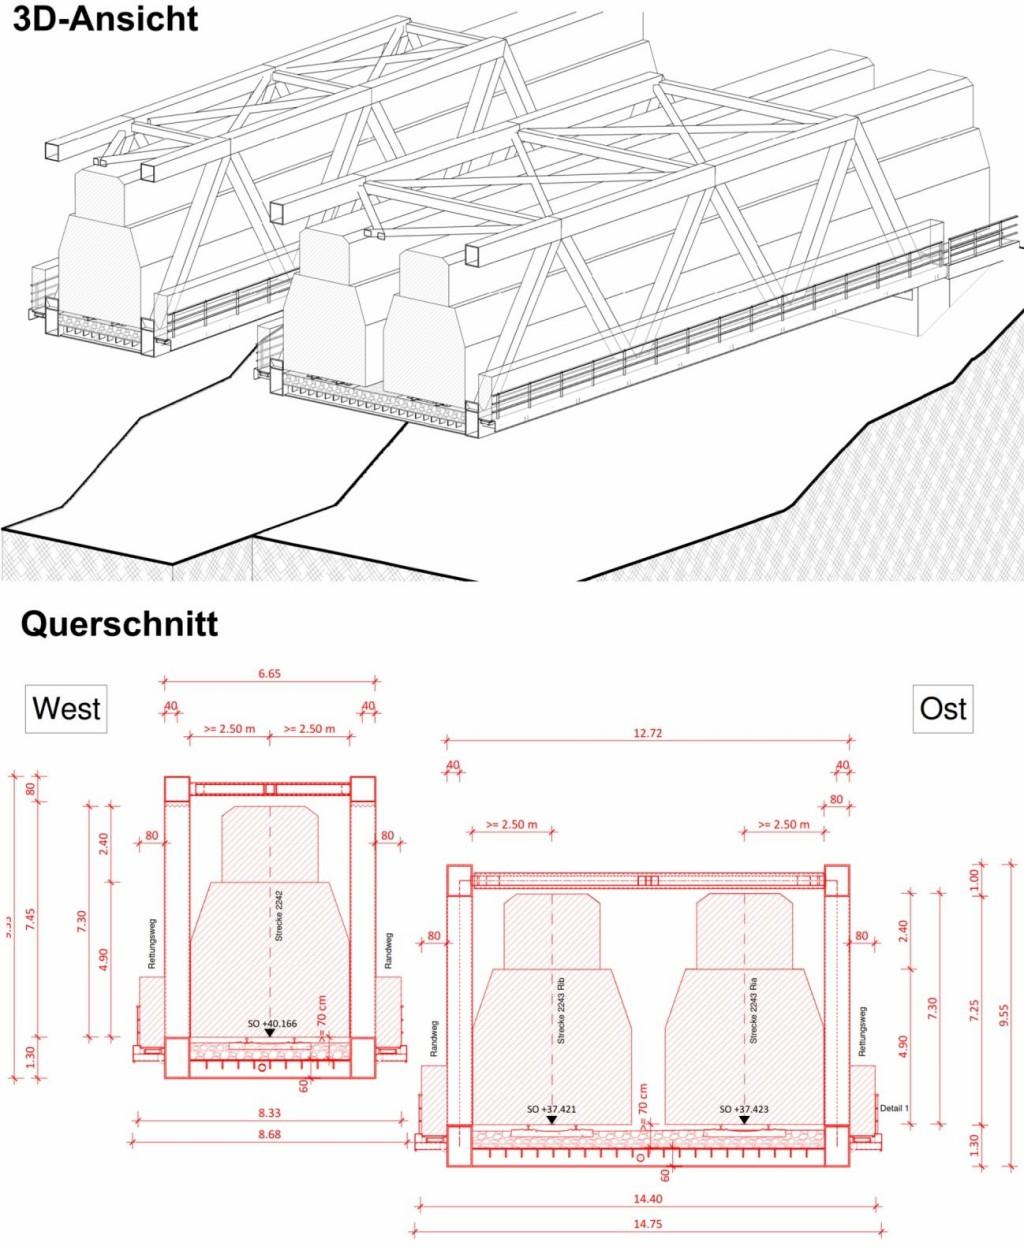 Bild 6. Querschnitt der Fachwerkbrücke in der 3D-Ansicht und in 2D beim Projekt EÜ Emscher